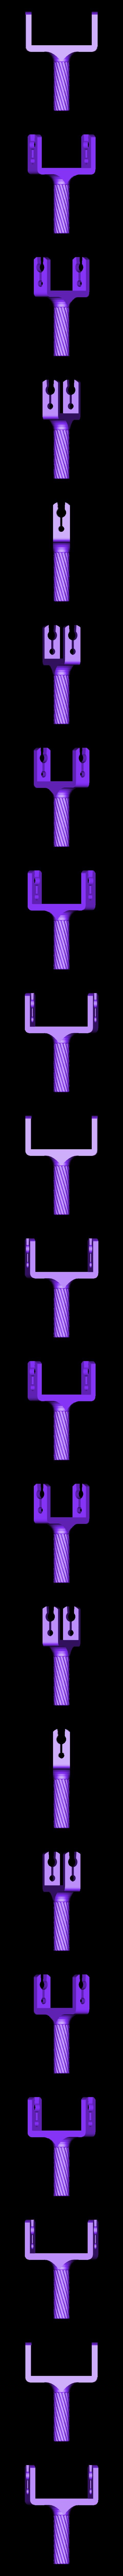 Raczka_2.stl Télécharger fichier STL gratuit Outil de massage (+ v2) • Plan à imprimer en 3D, kpawel